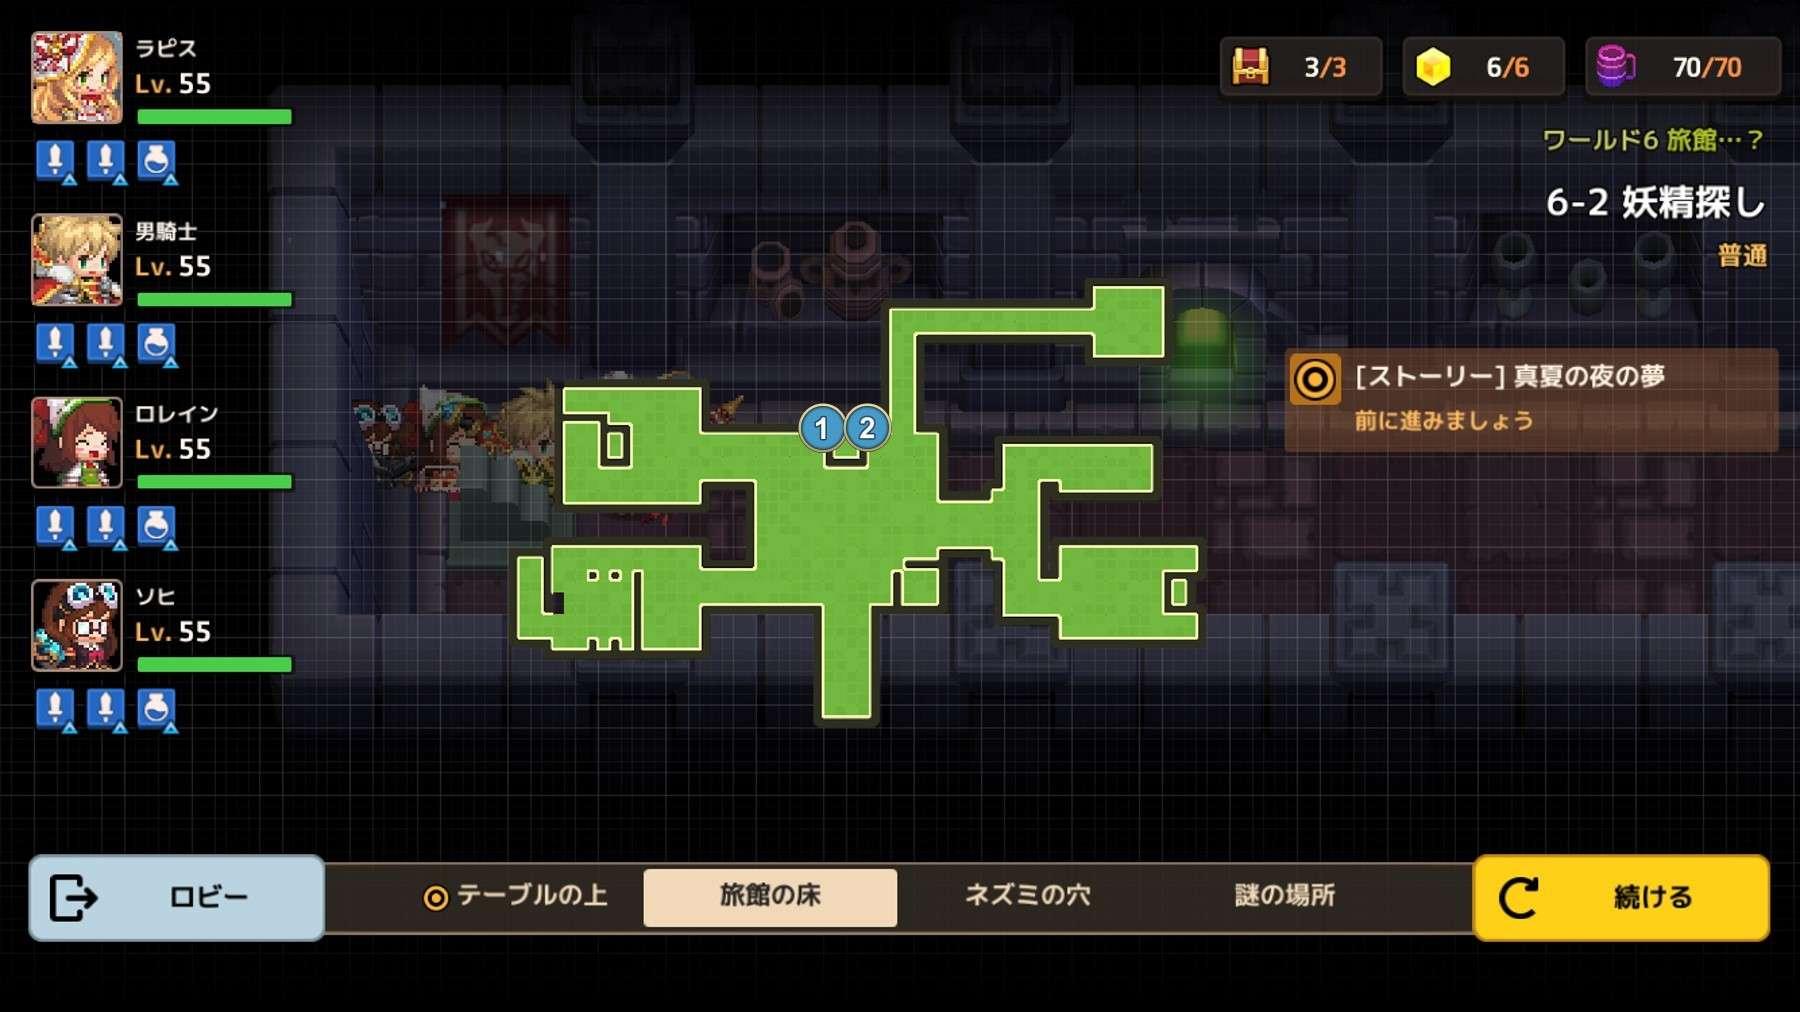 旅館の床のマップ